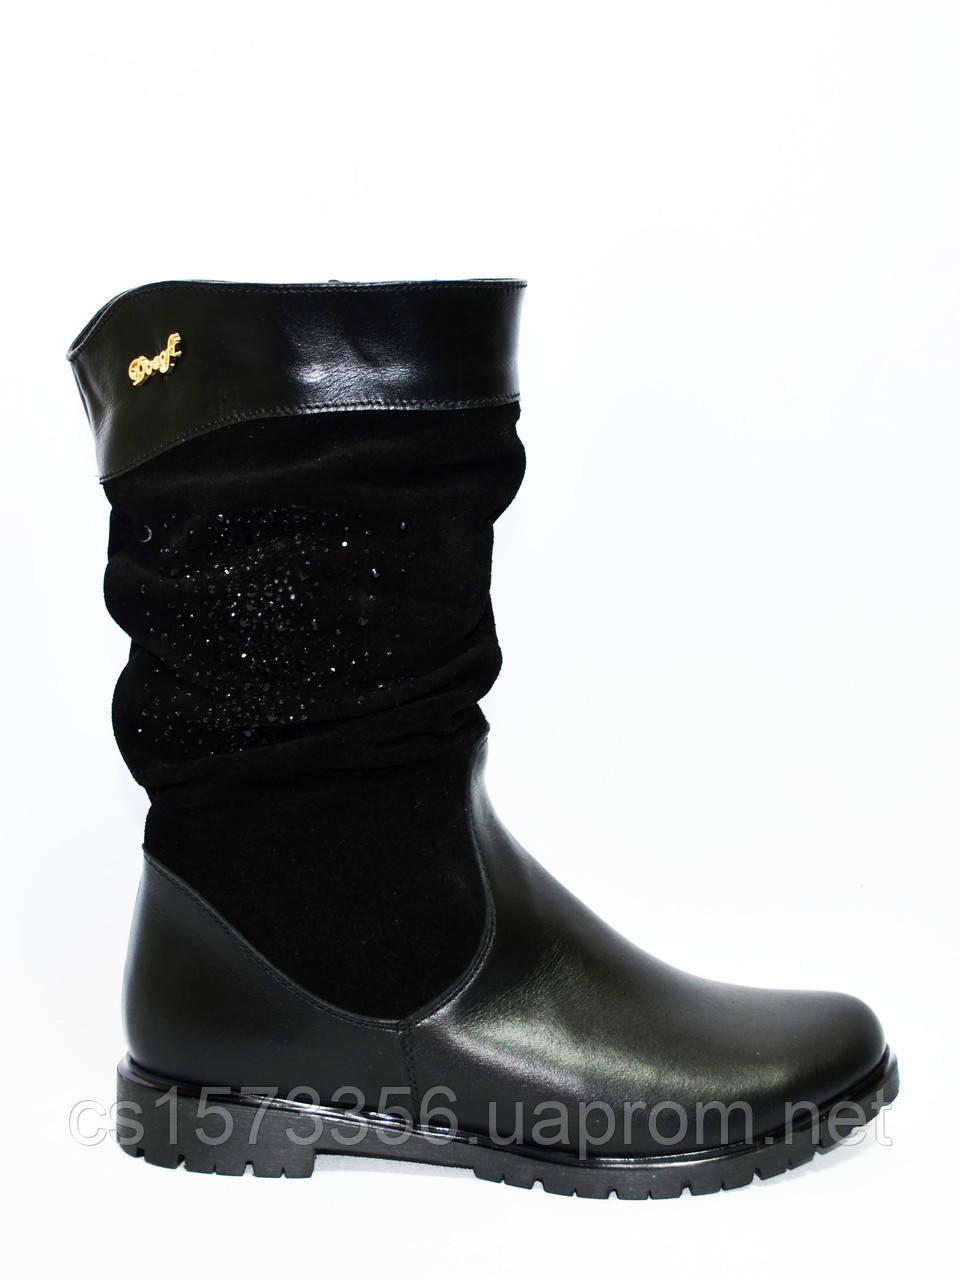 Женские демисезонные ботинки на низом ходу, замша и кожа, декорированы накаткой камней.